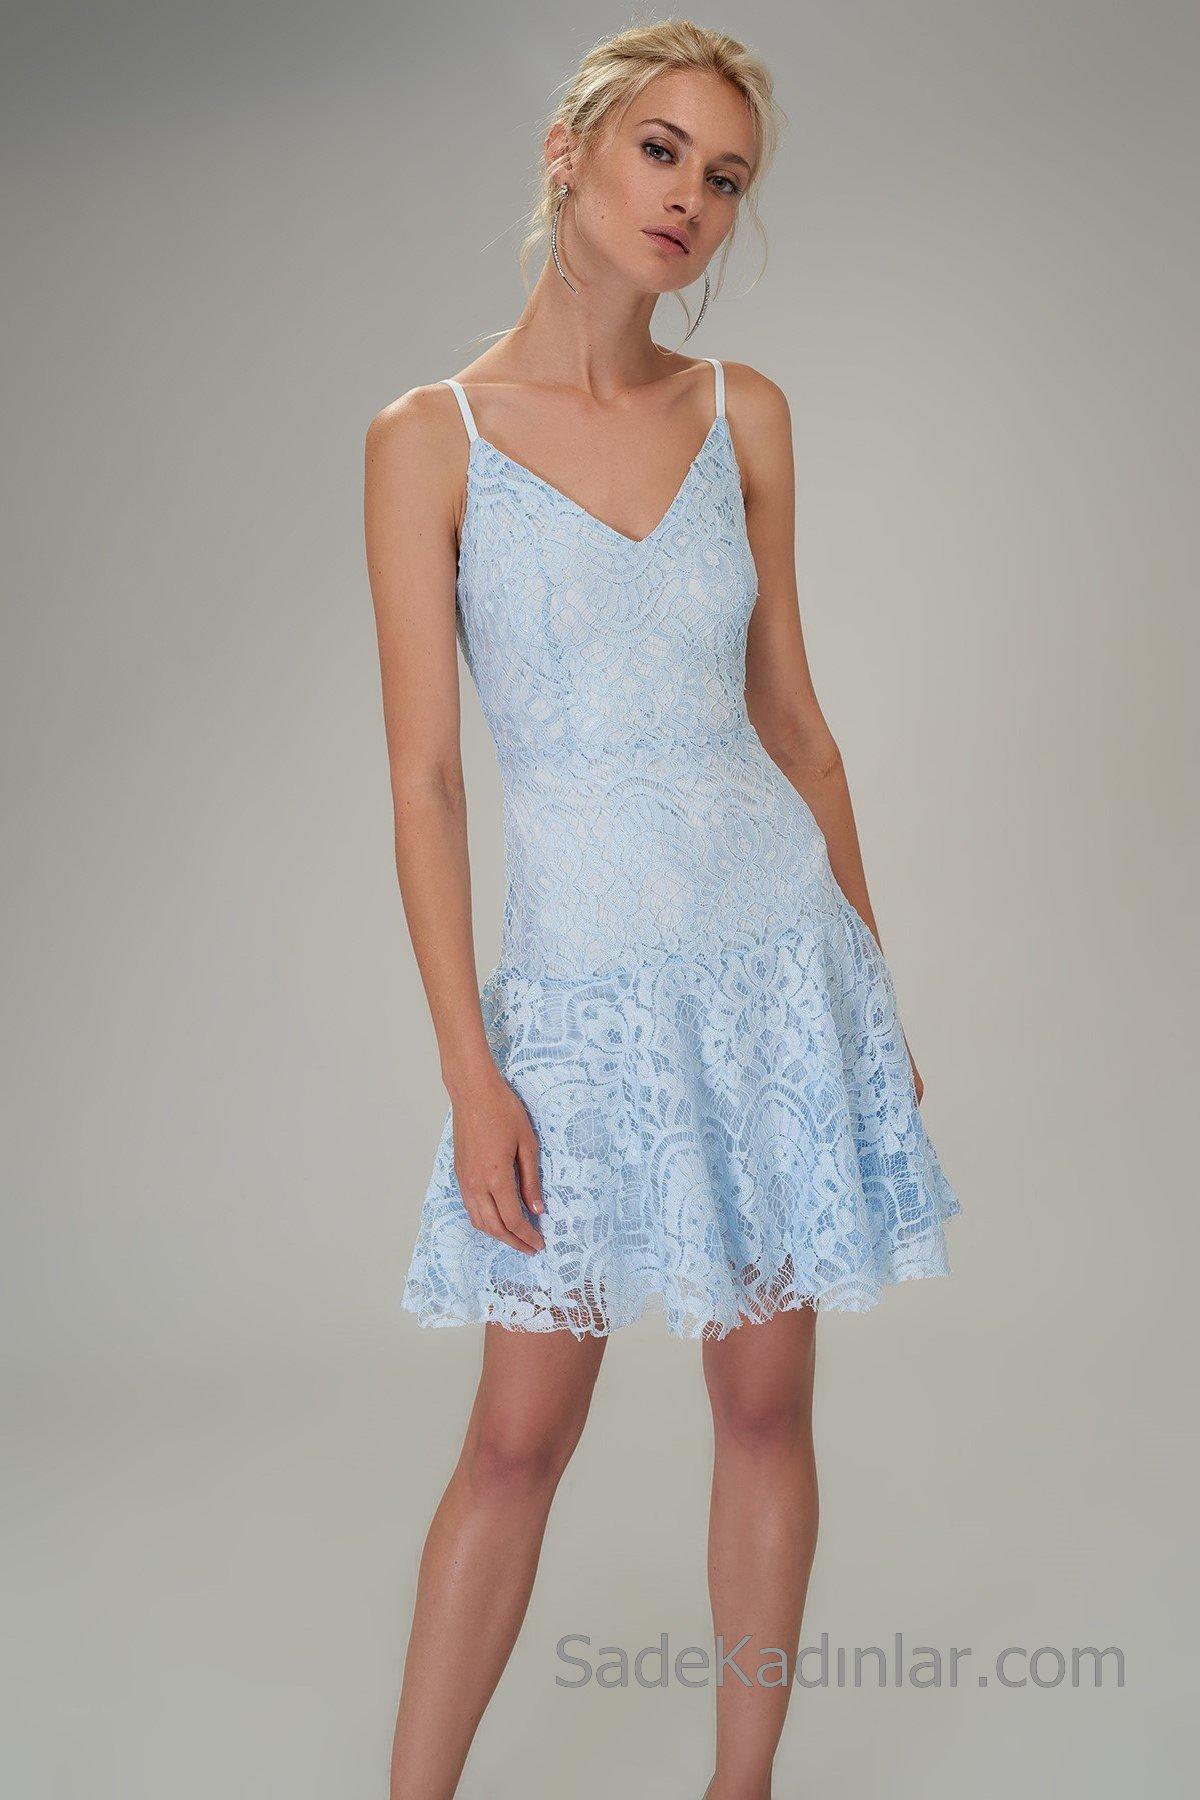 Dantel Elbise Modelleri Bebek Mavisi Kısa İp Askılı V Yakalı